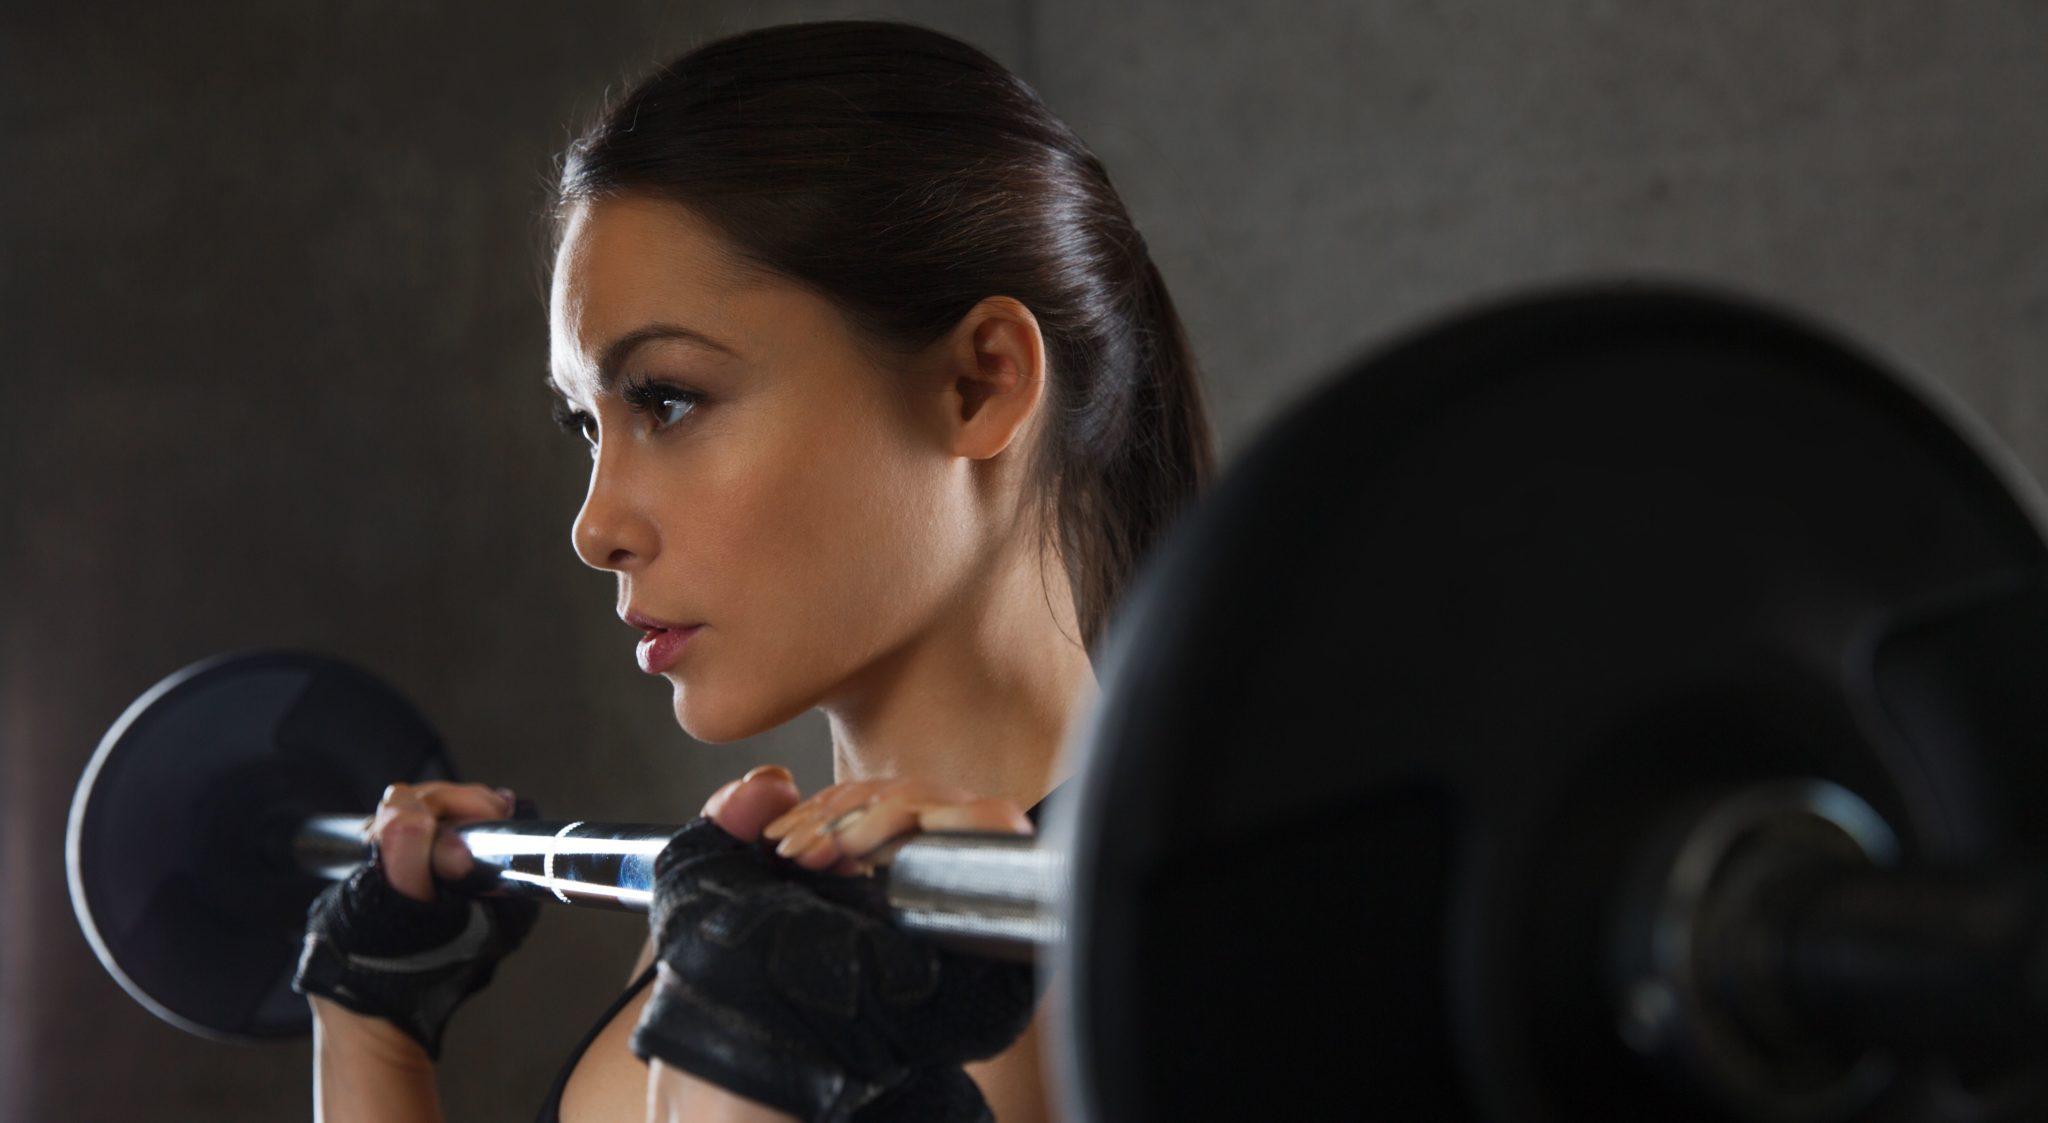 ᐅ 3er Split Trainingsplan Muskelaufbau Für Fortgeschrittene